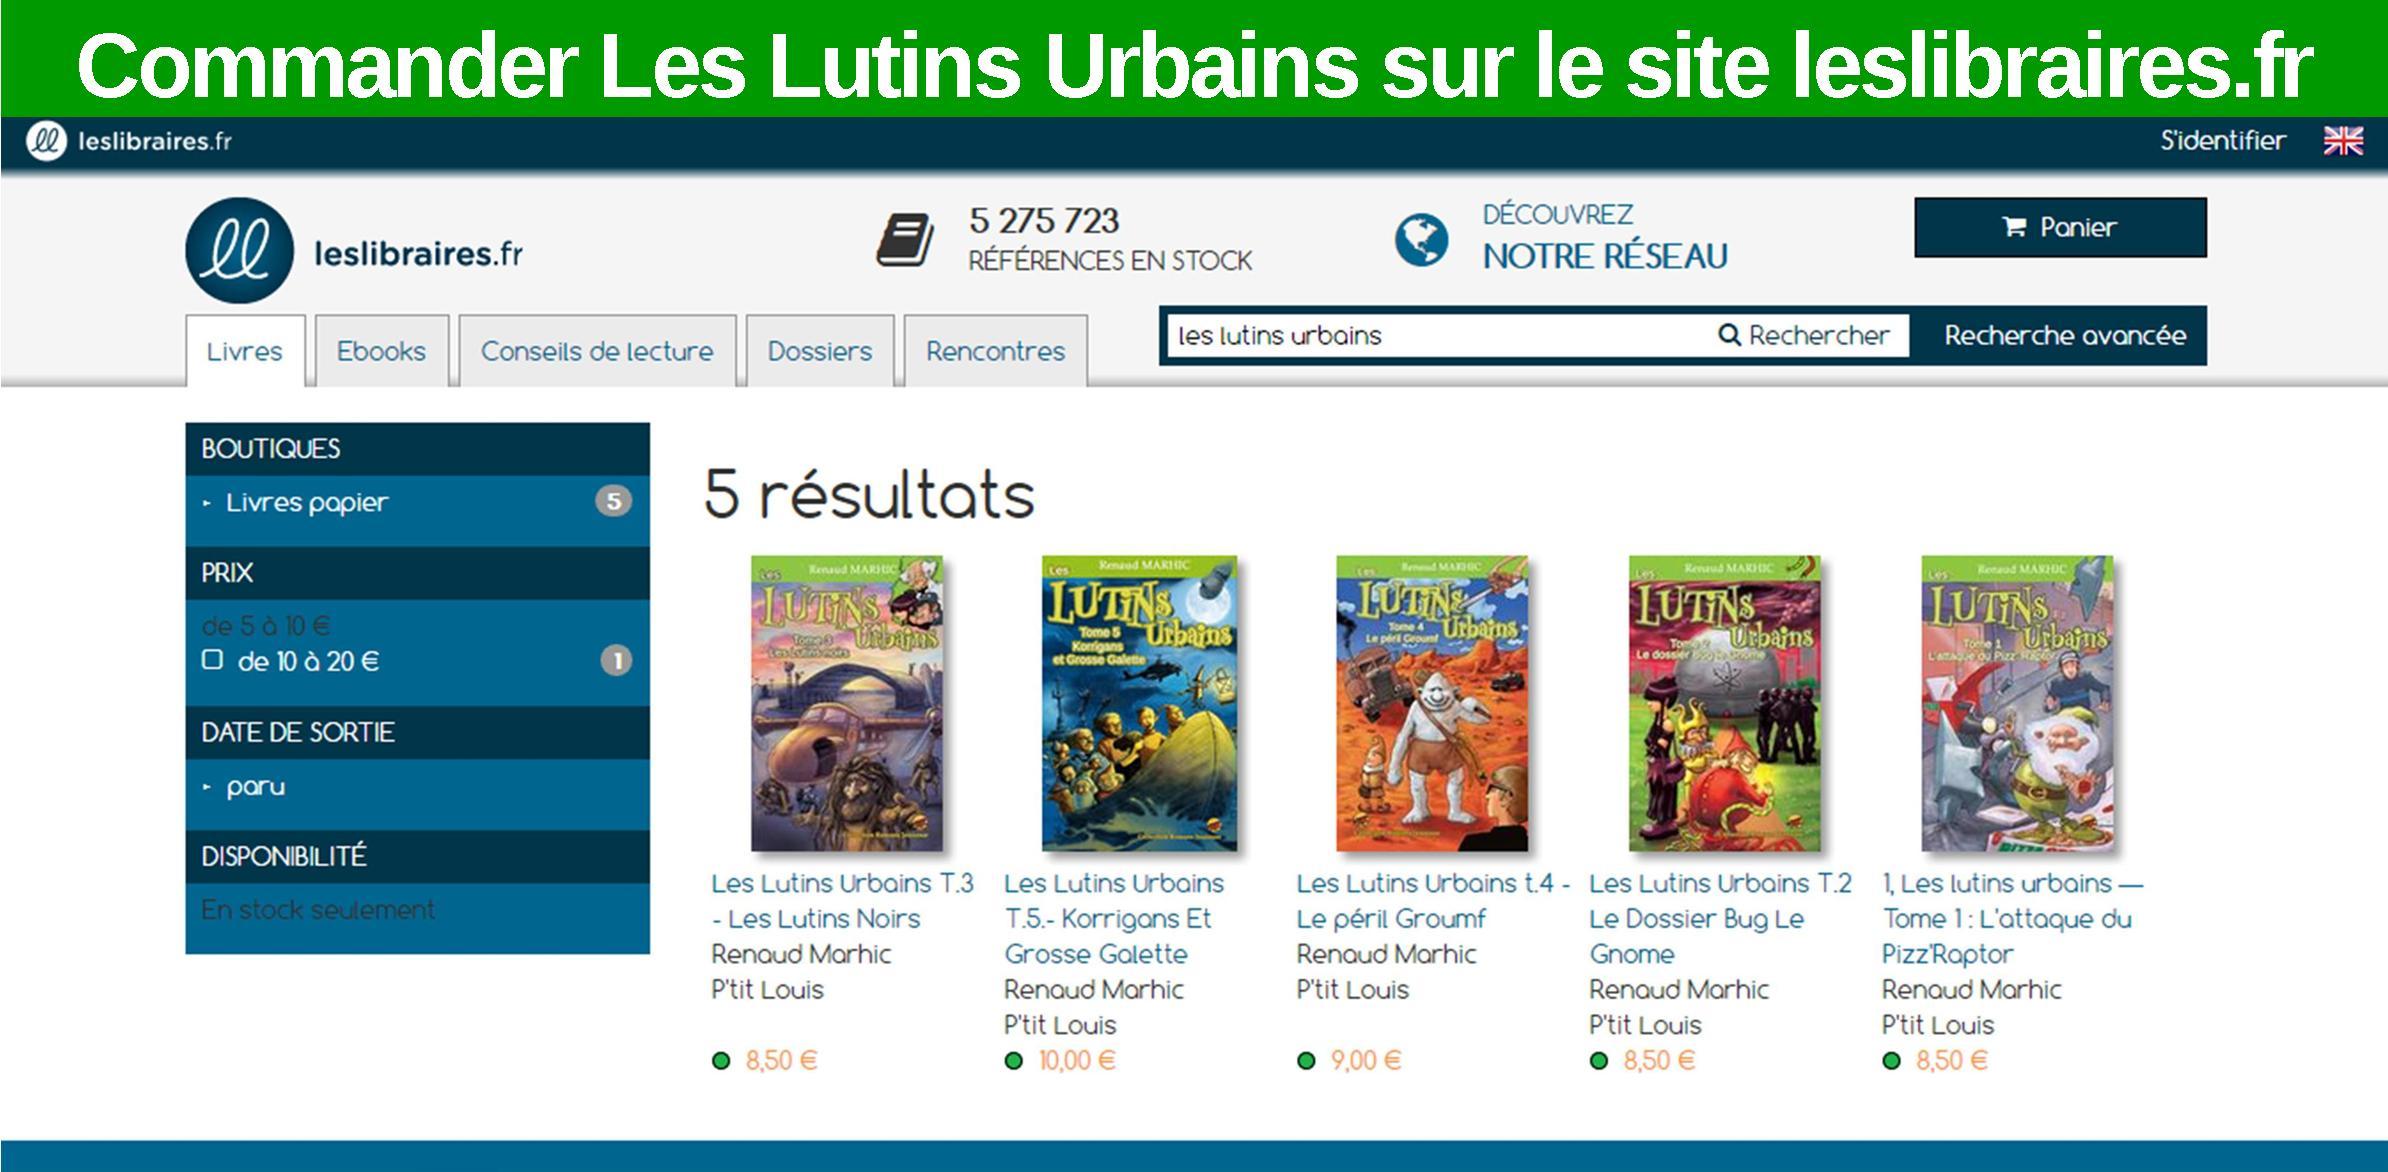 Commander les Lutins Urbains sur le site leslibraires.fr